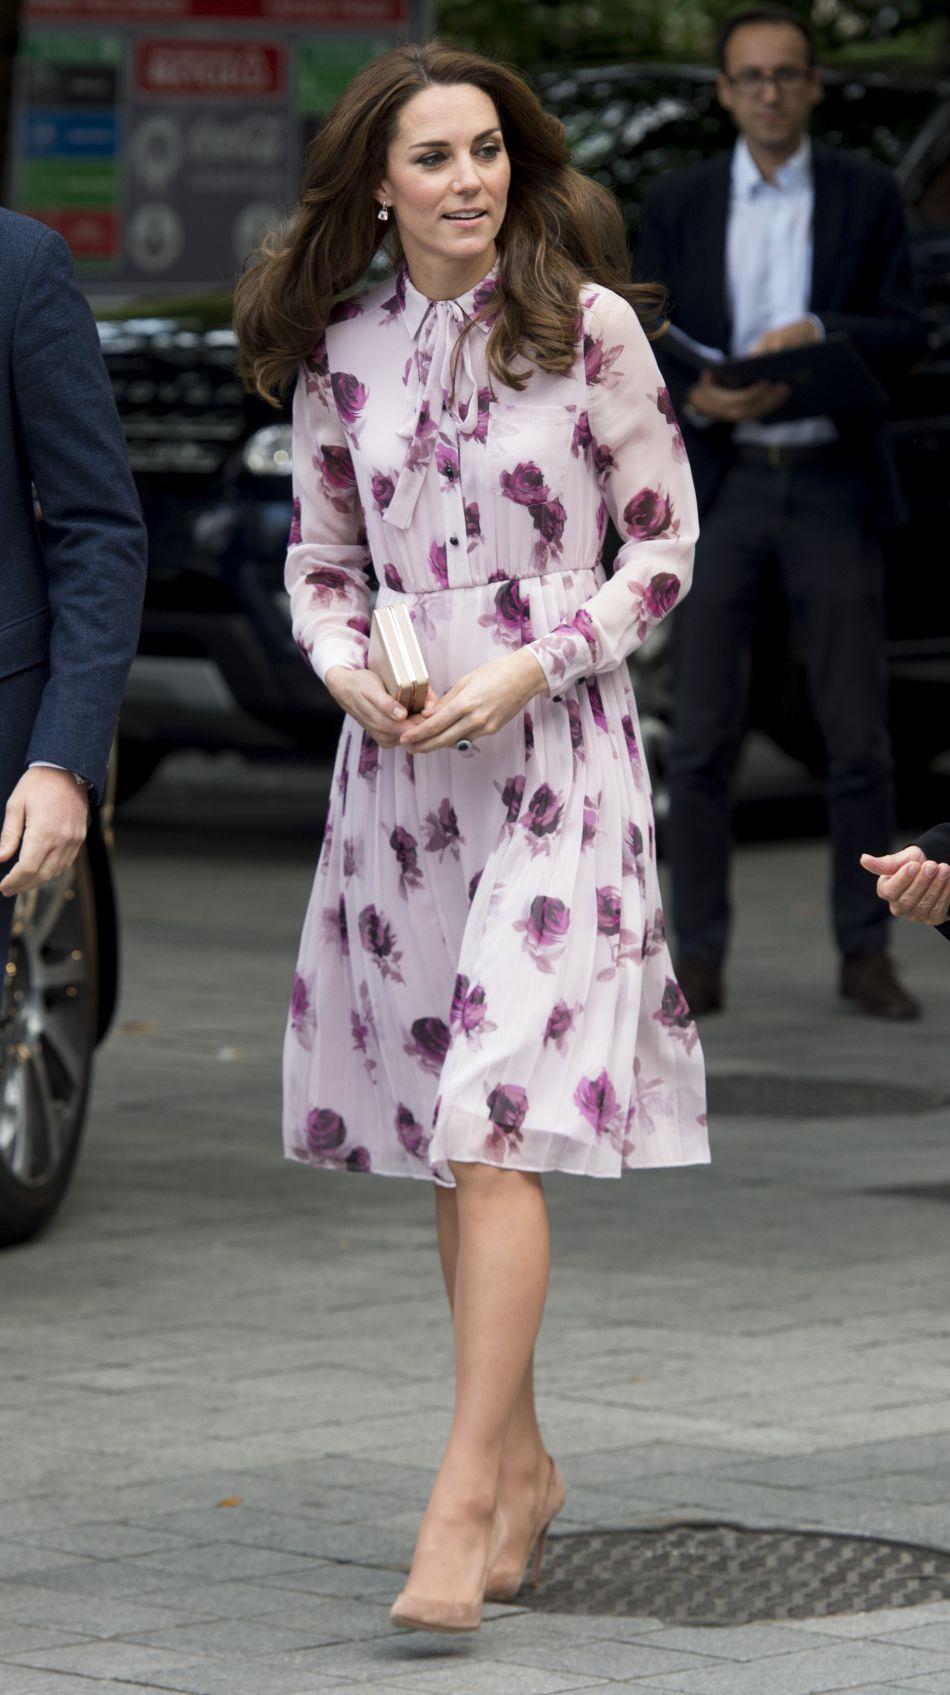 Kate Middleton a misé sur une robe rose et fleurie.